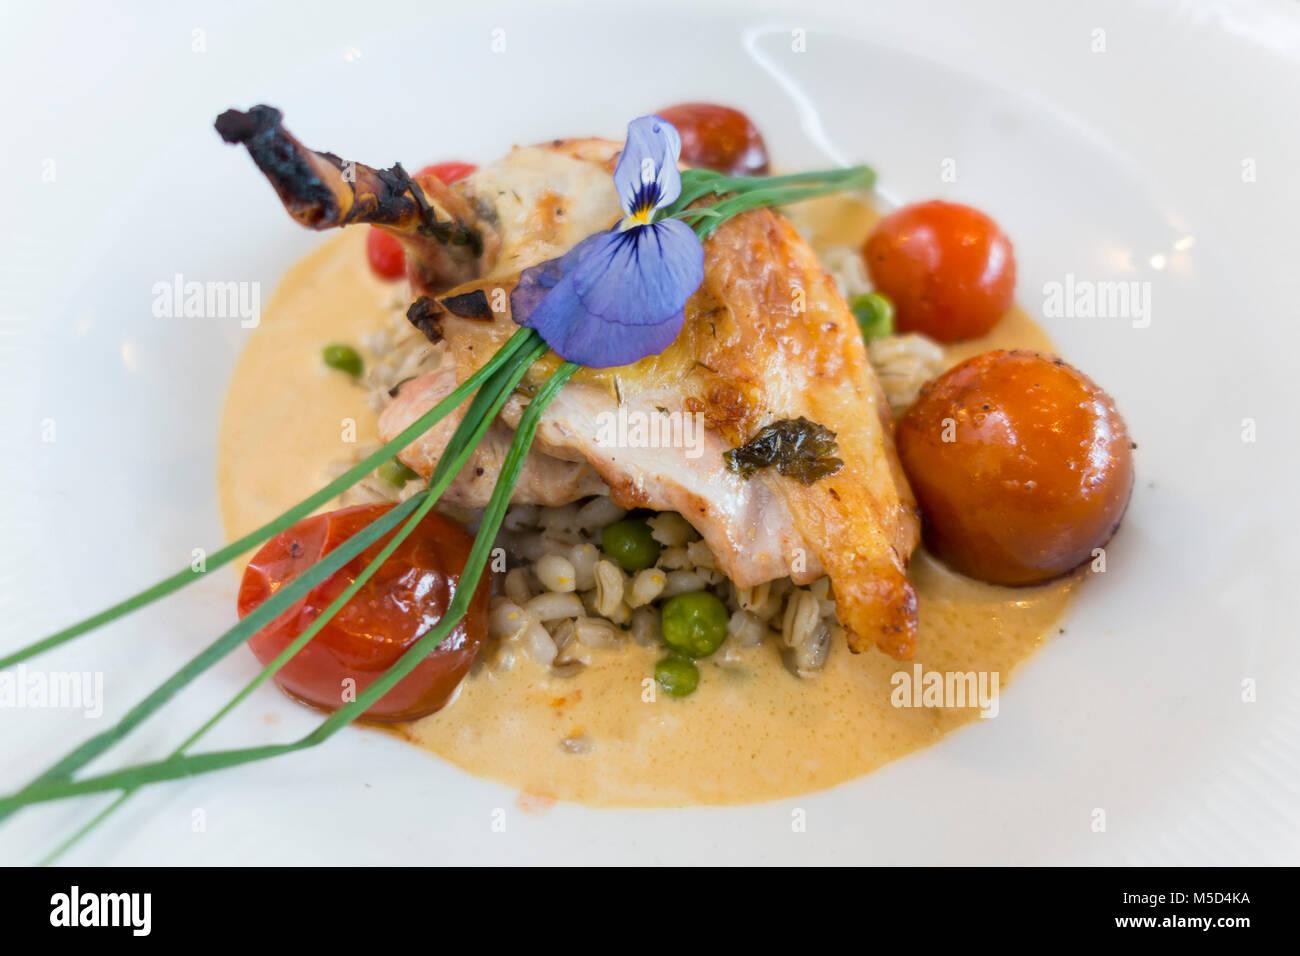 Un restaurante plato con gallina de Guinea, el guisante disparar y guisantes, cebada, tomates en Black Baronía Hotel, Escocia Foto de stock